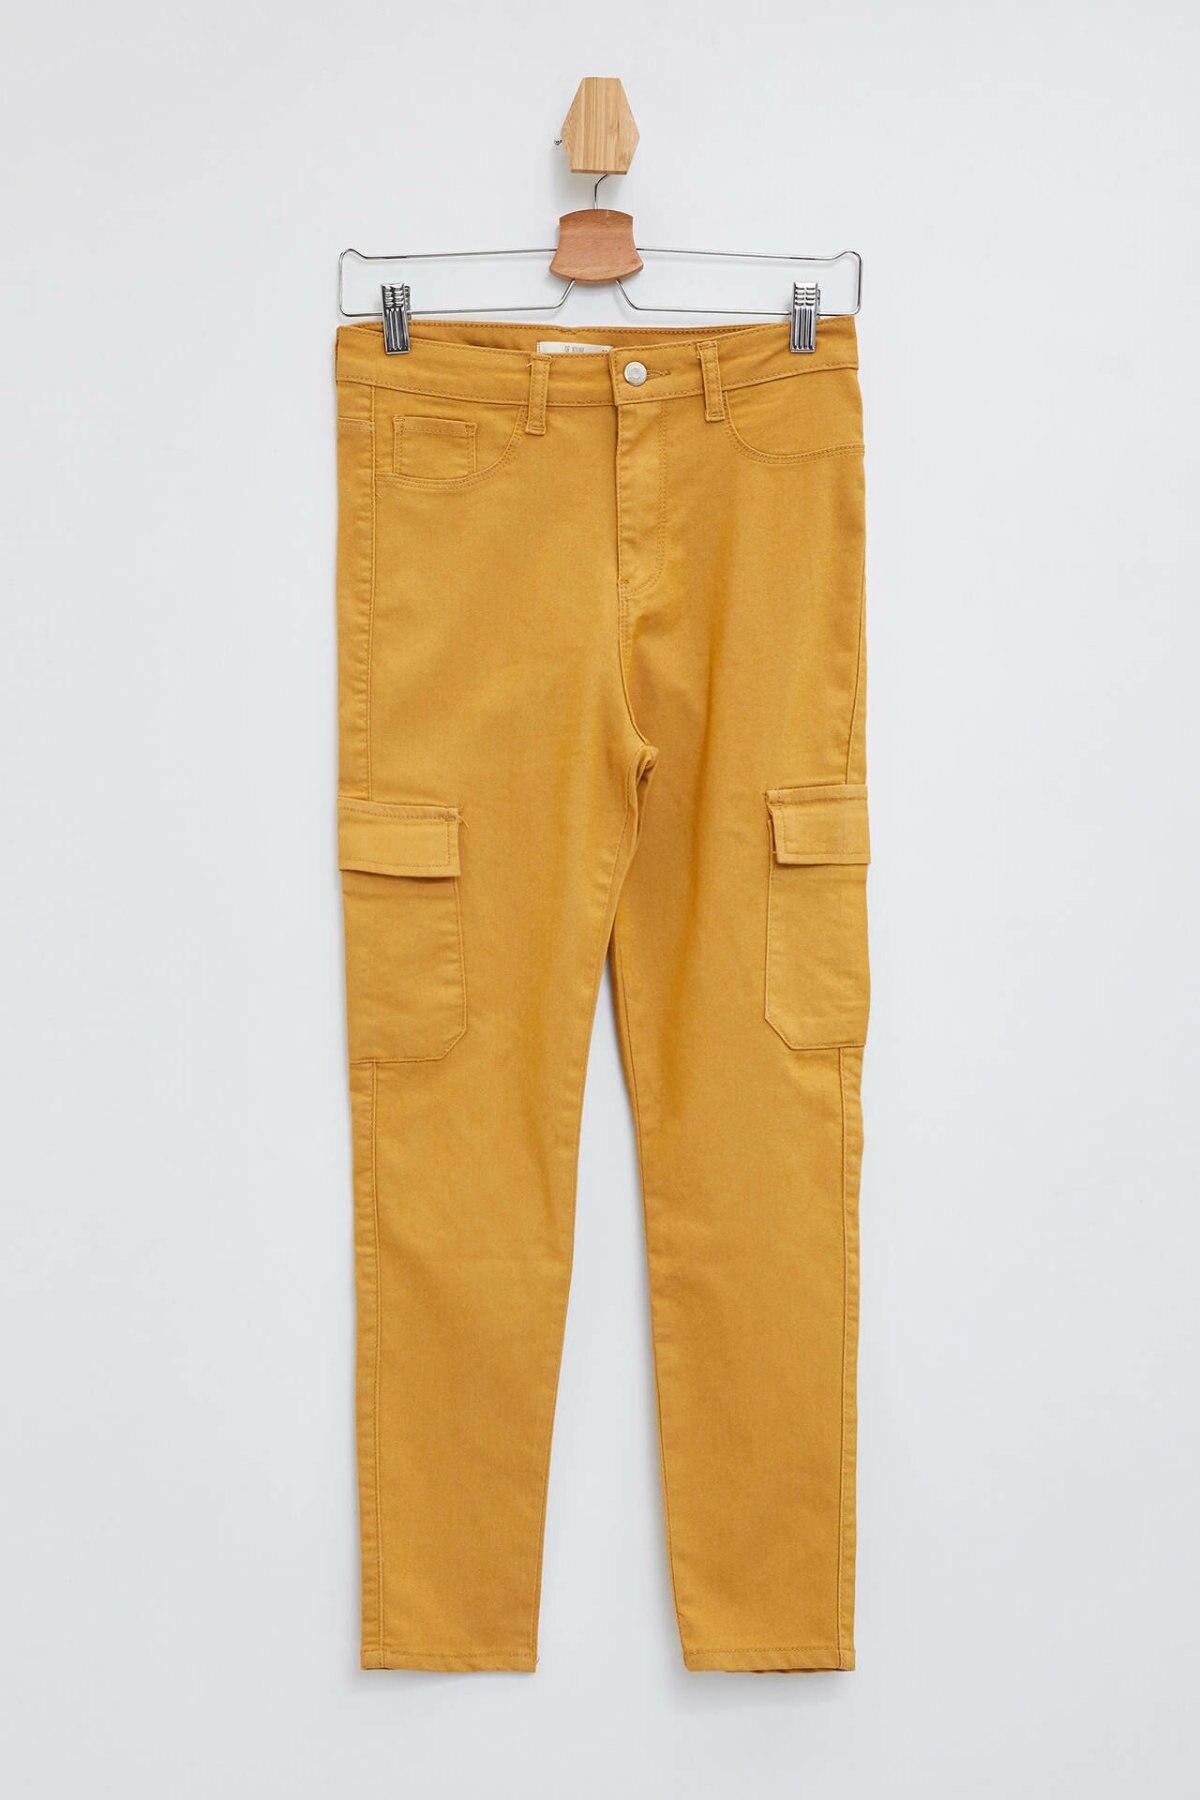 DeFacto Fashion Woman Solid Trousers Lady Casual Pocket Slim Candy Color Leisure Long Pencil Pants Female Autumn-L4153AZ19AU